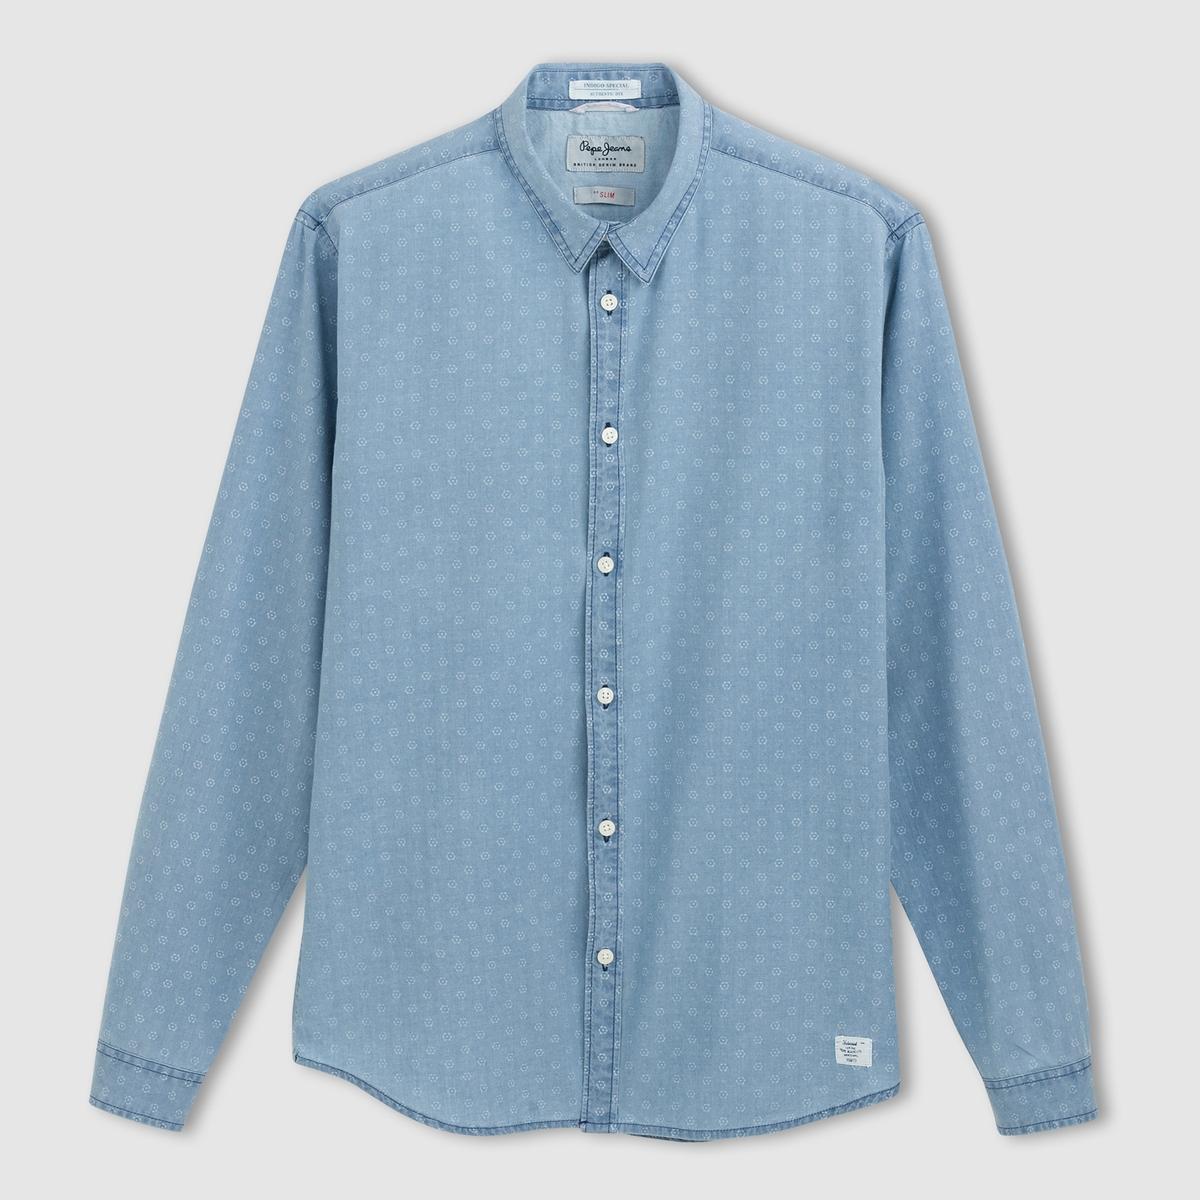 Рубашка с длинными рукавами CAUFIELDРубашка CAUFIELD de PEPE JEANS®        Длинные рукава .                   Мелкий рисунок на легком дениме, 100% хлопка. Воротник с уголками.<br><br>Цвет: светлый индиго<br>Размер: L.XL.XXL